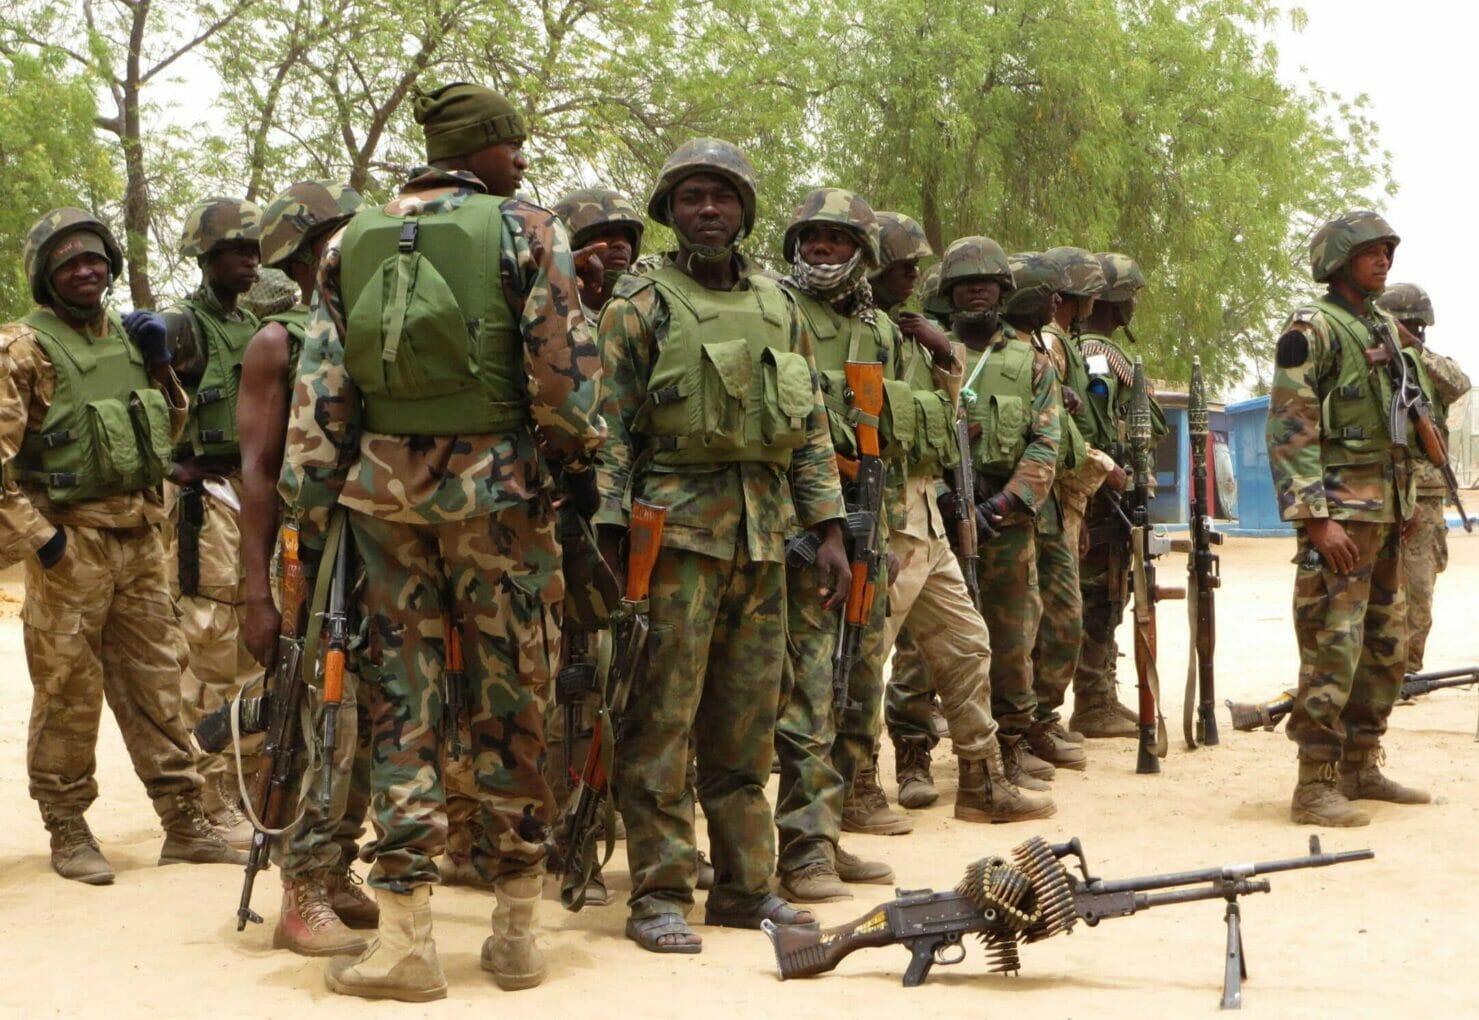 Military troop